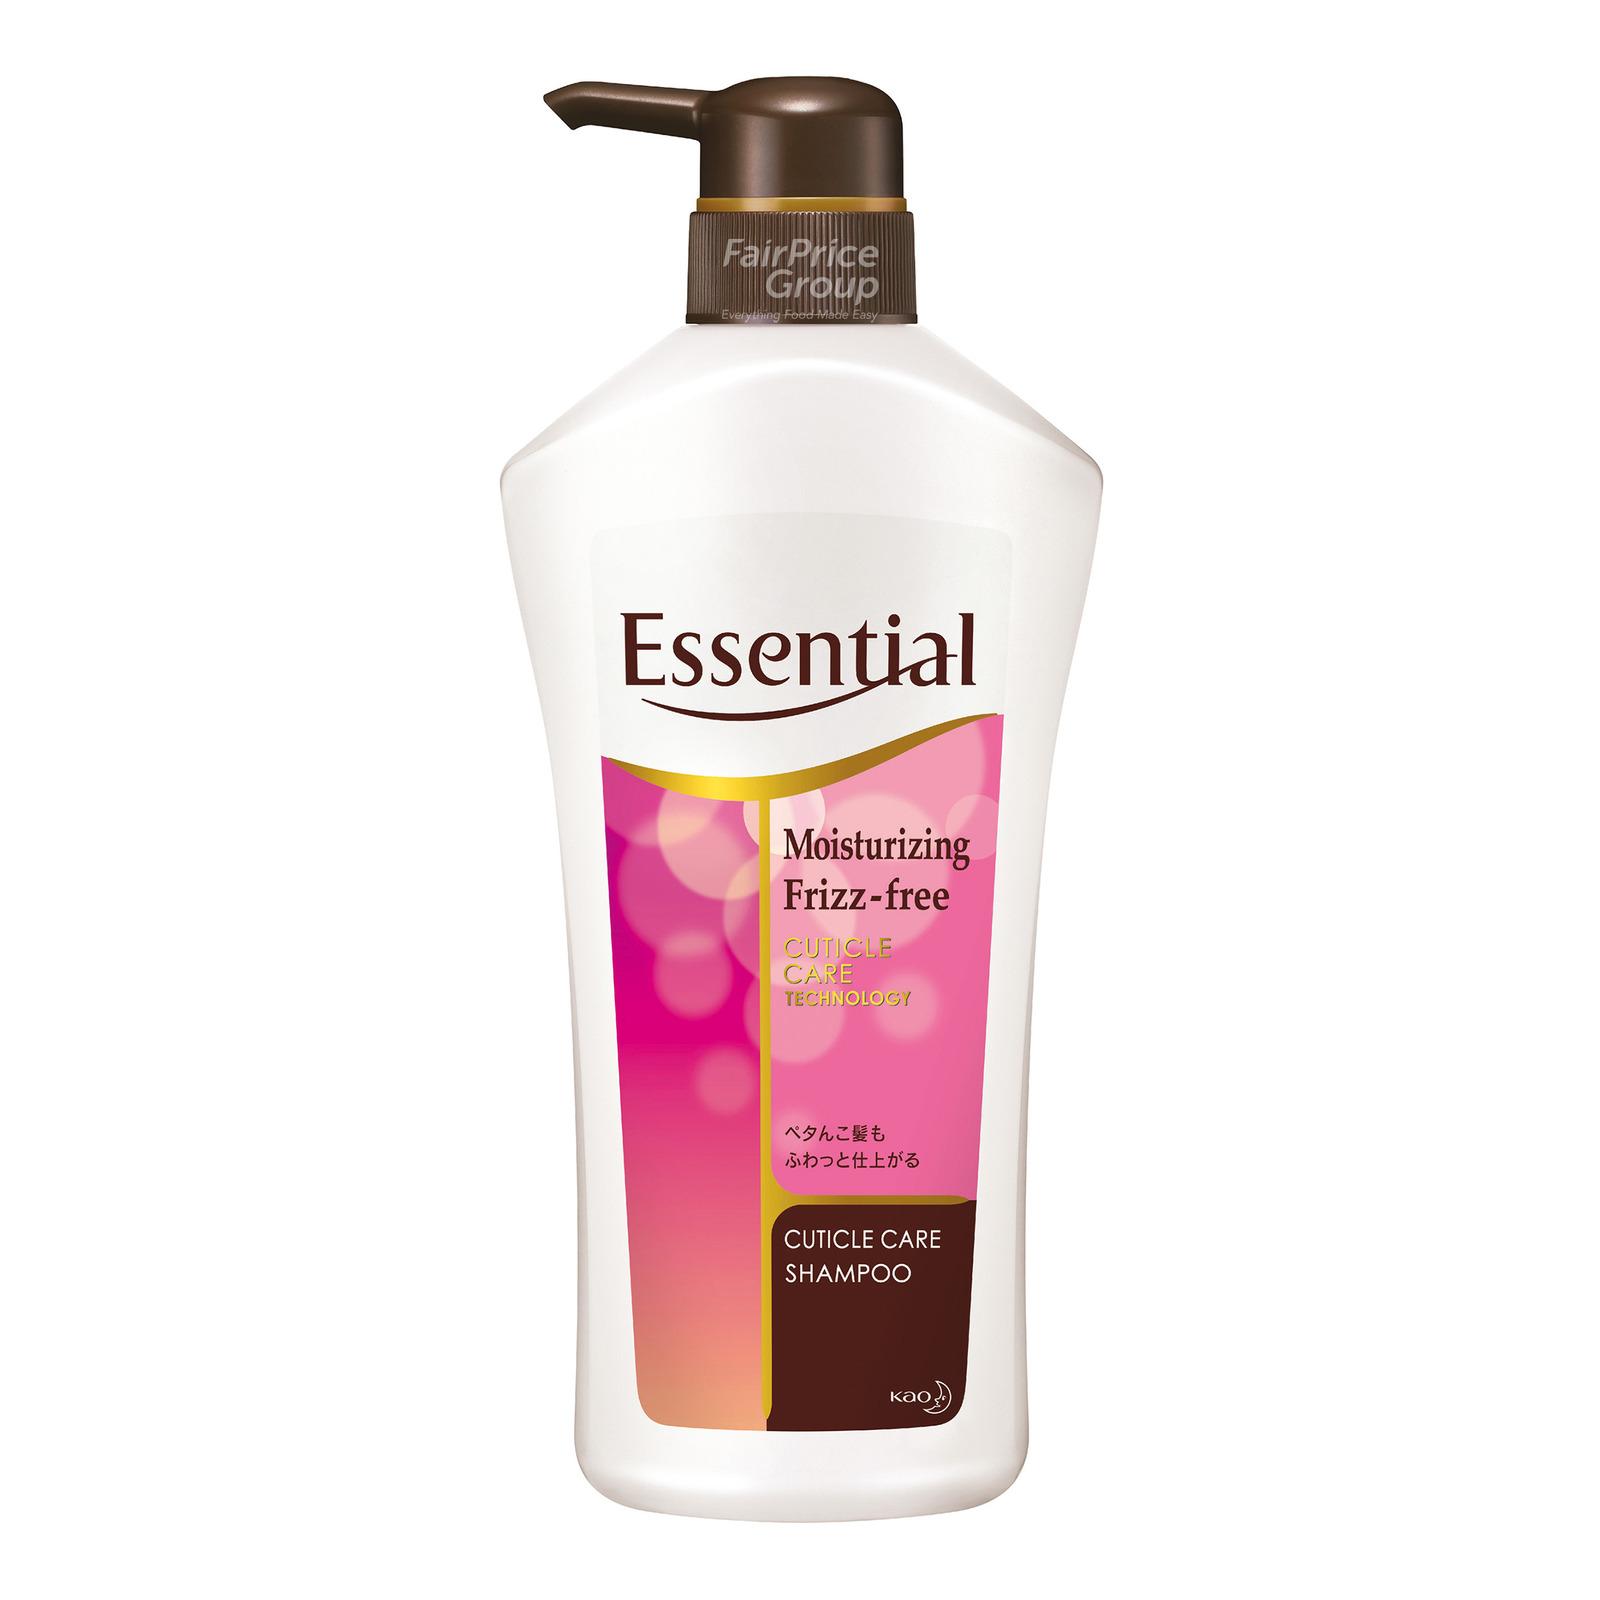 Essential Cuticle Care Shampoo - Moisturizing